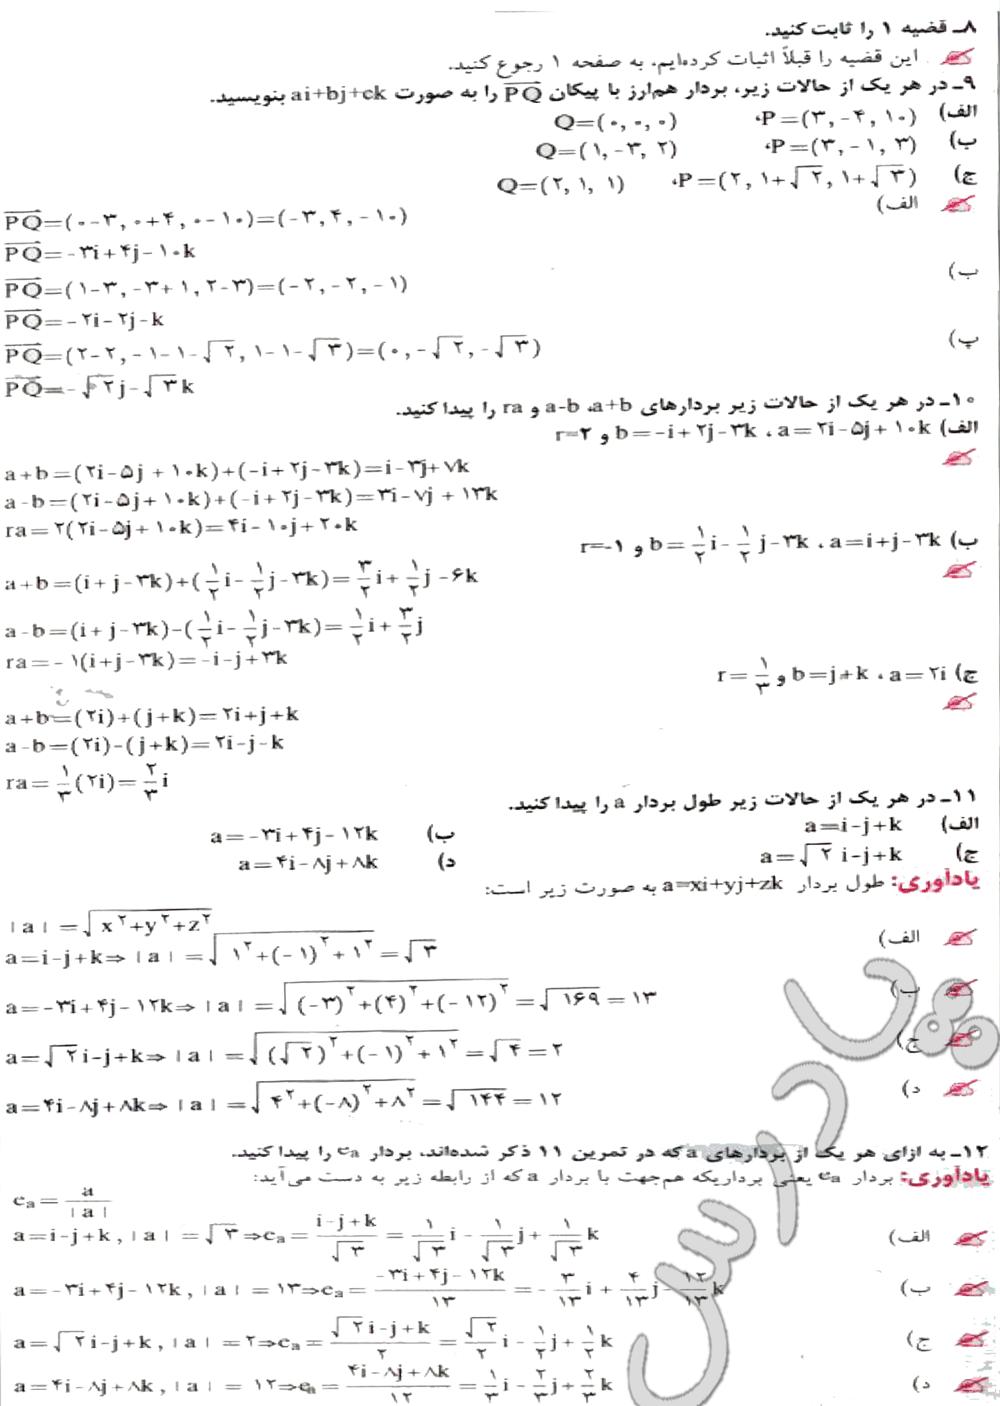 حل تمرین 8 تا 12 صفحه 13 فصل اول هندسه تحلیلی پیش دانشگاهی